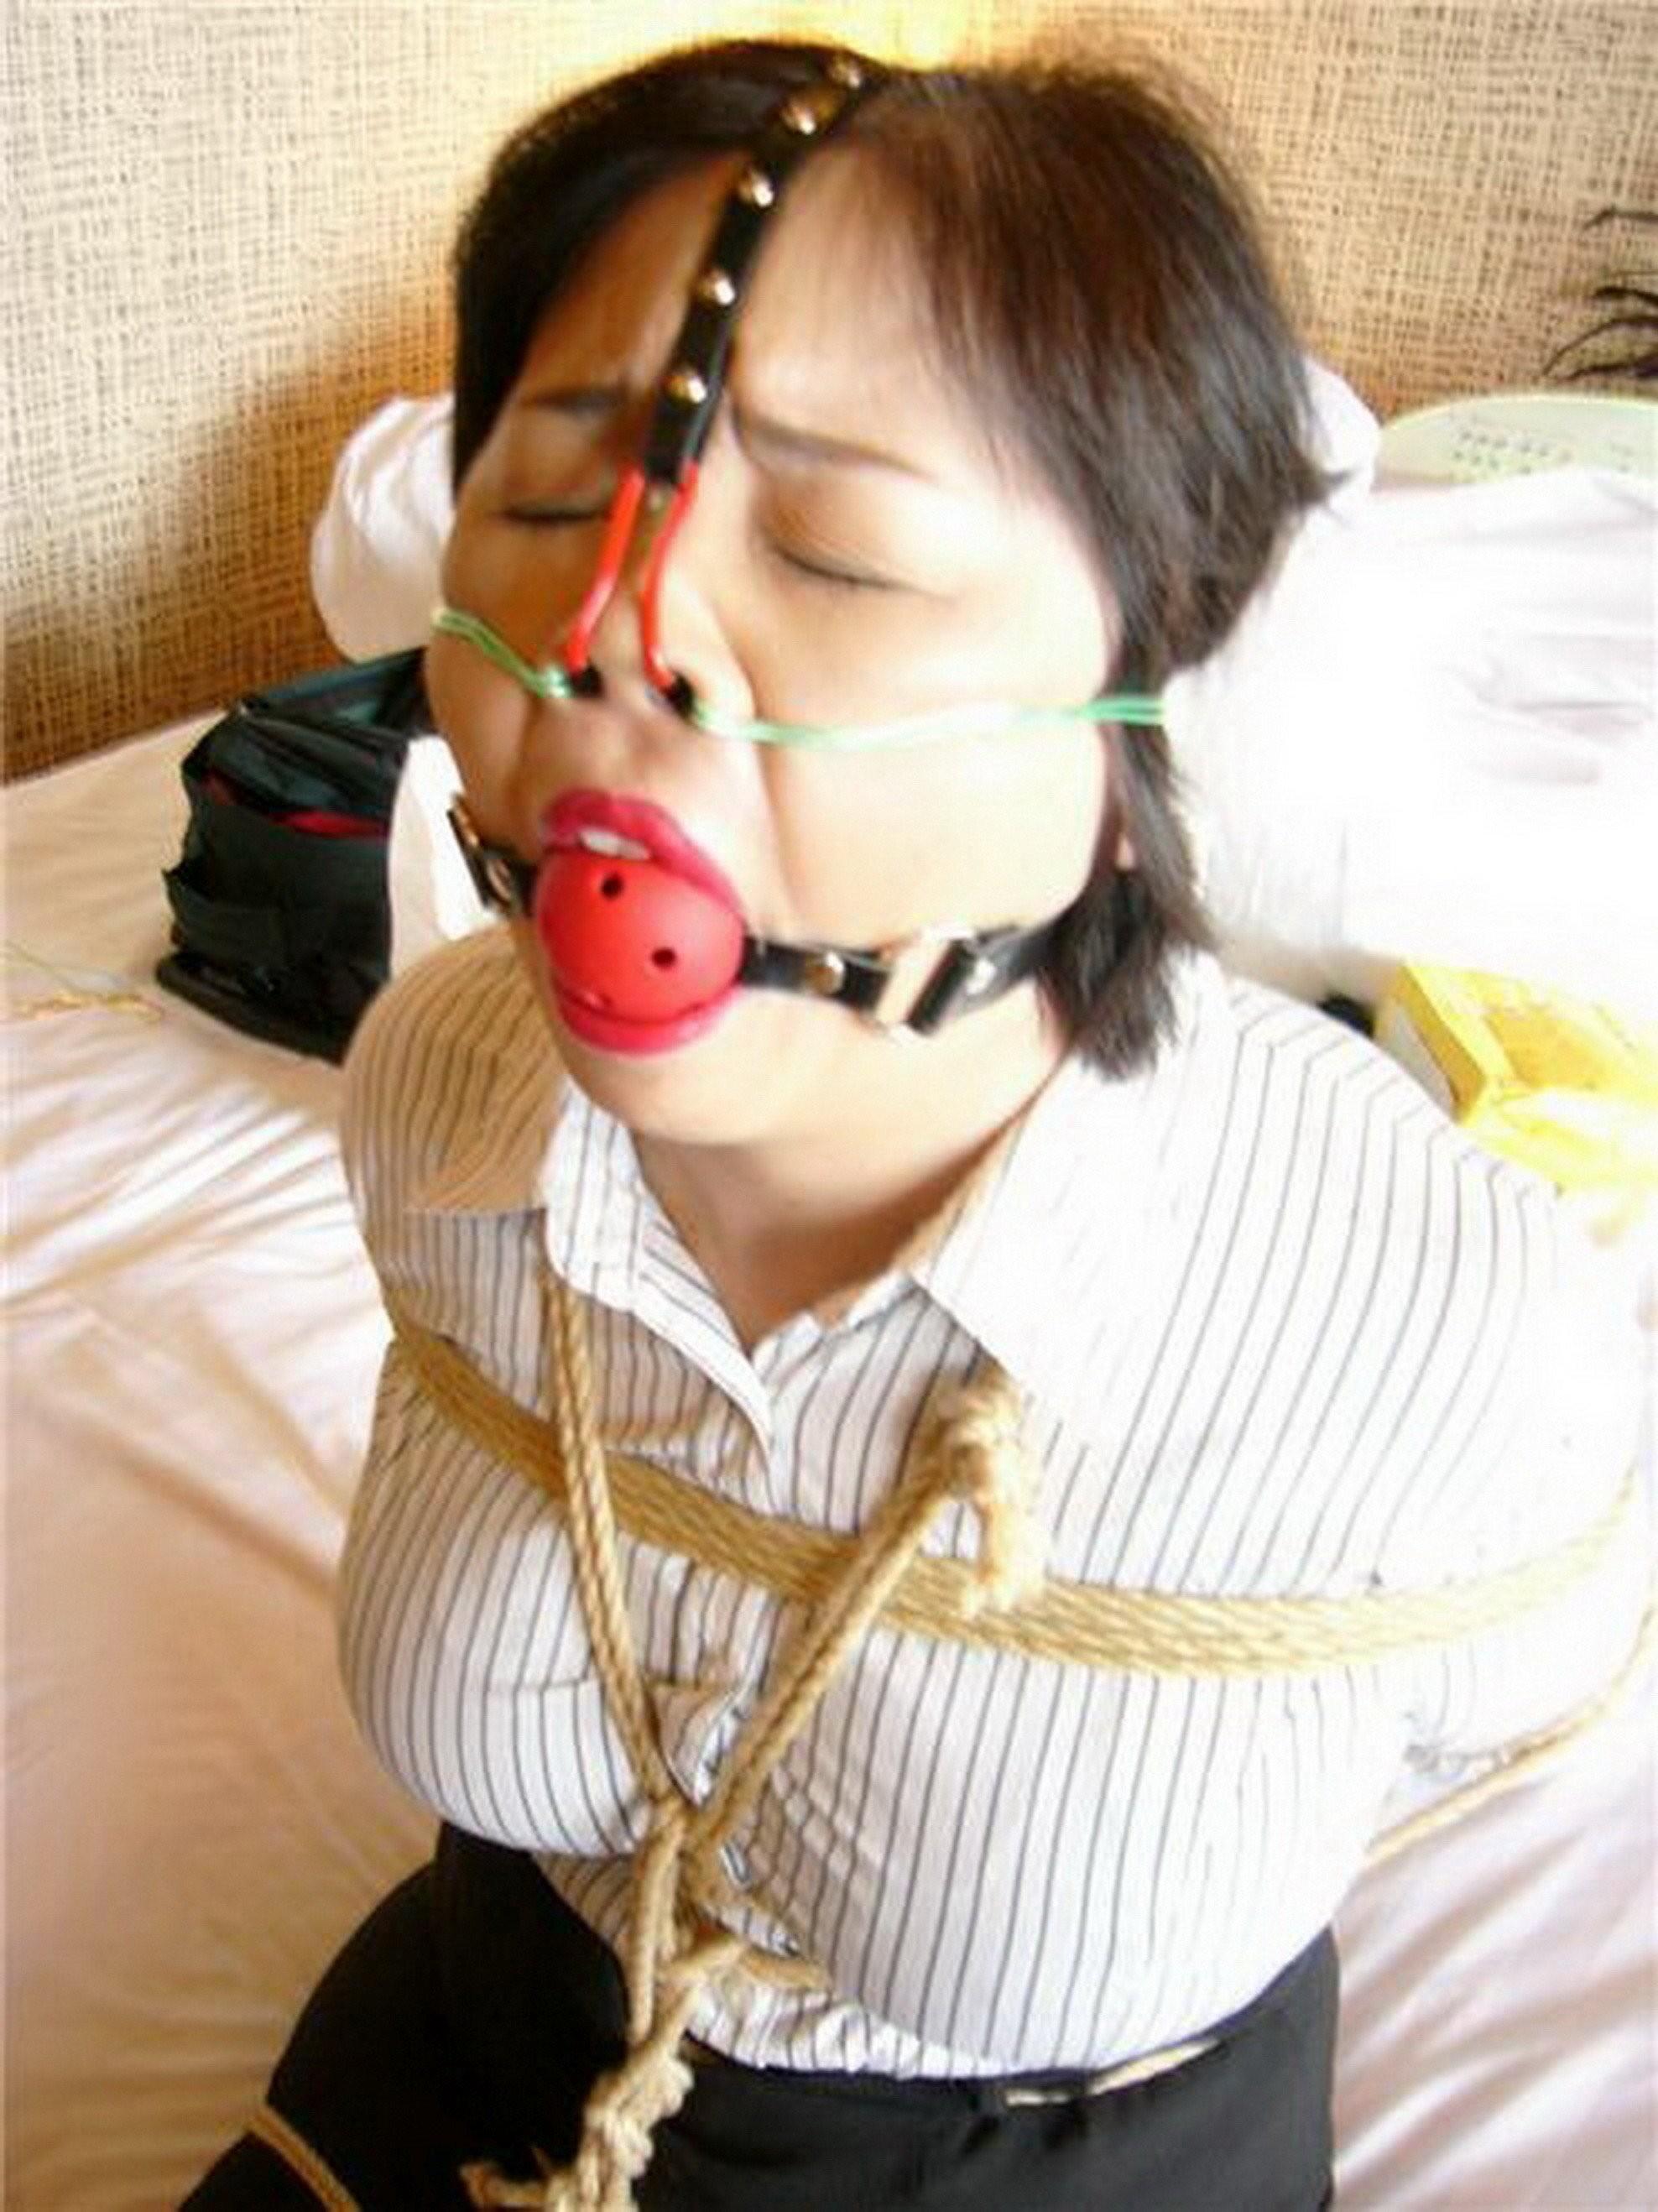 【SMエロ画像】もう誰かわからないw顔面への壮絶な責め苦を受けるM女たちwww 06